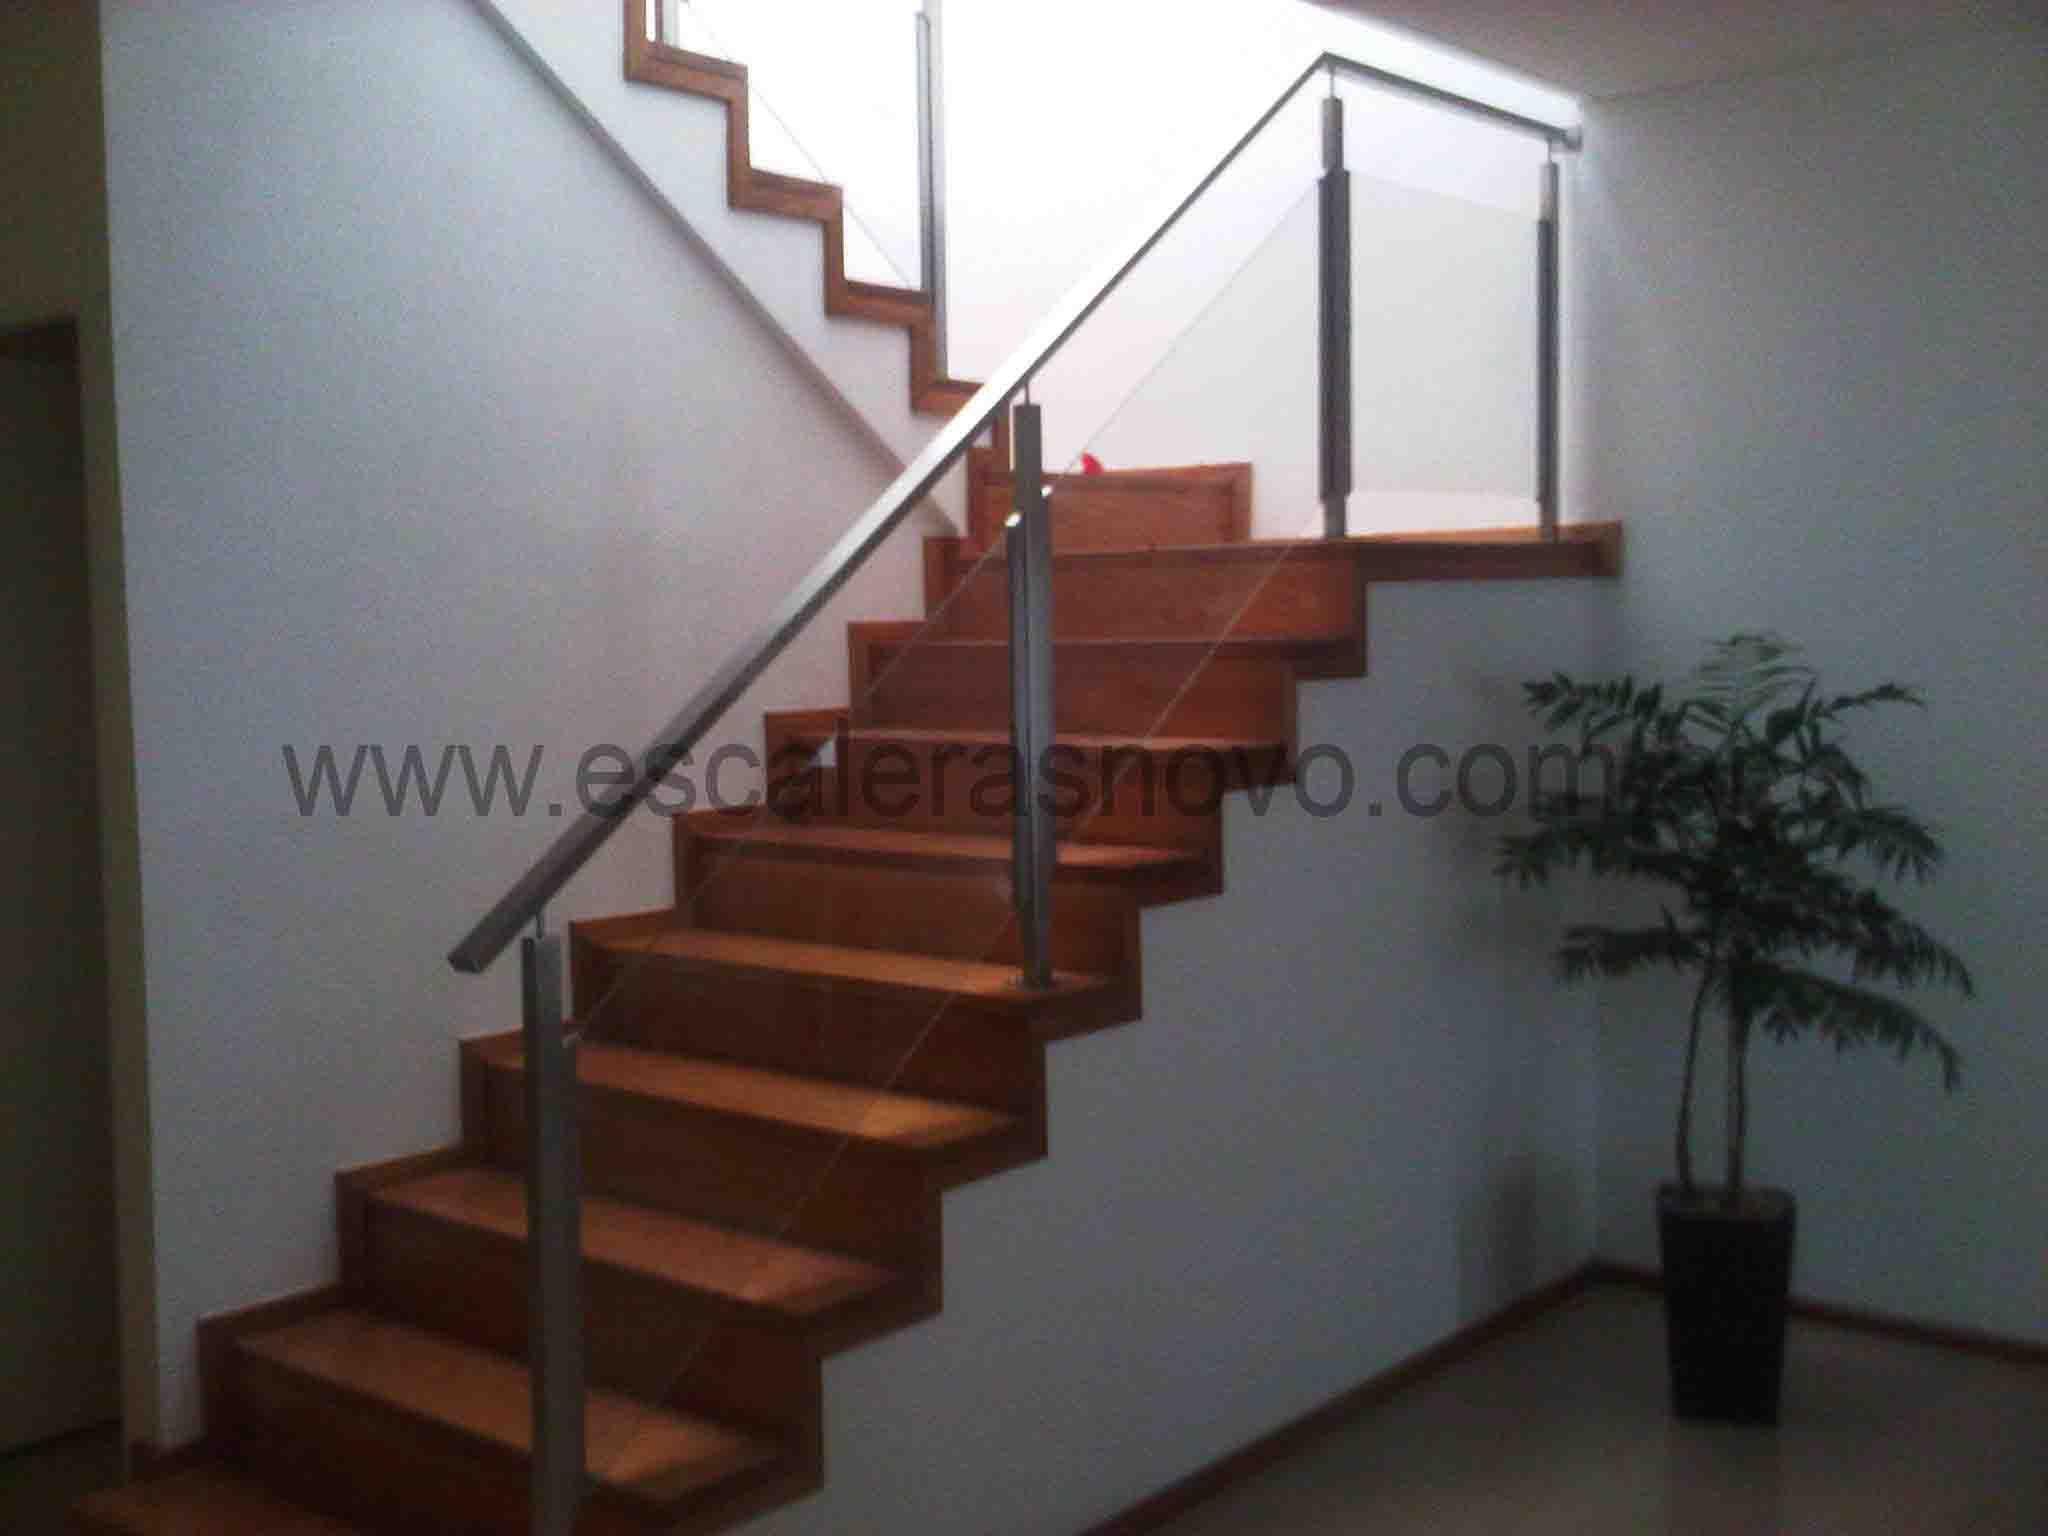 Barandas acero inox y vidrio mod 7 decoracion sala barandas escaleras y barandas de acero - Barandas para escaleras de interior ...